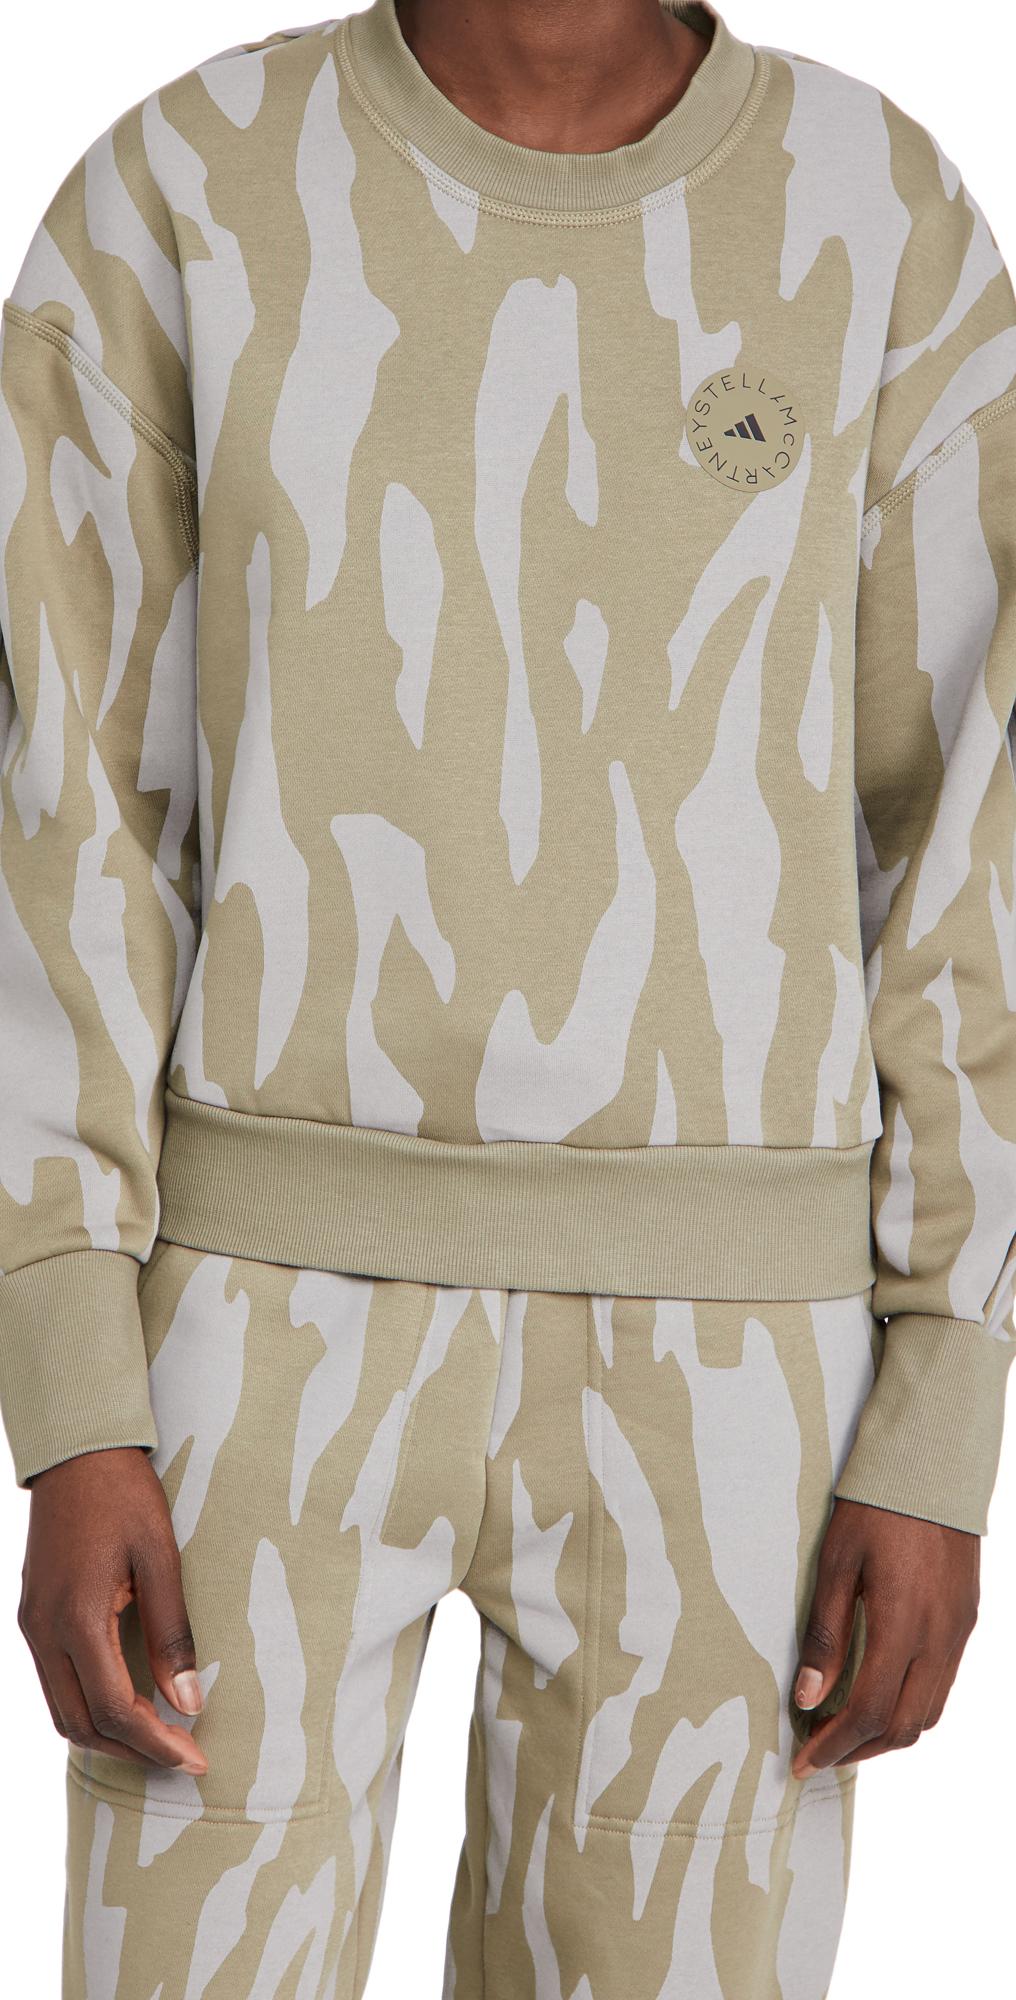 adidas by Stella McCartney ASMC Sweatshirt